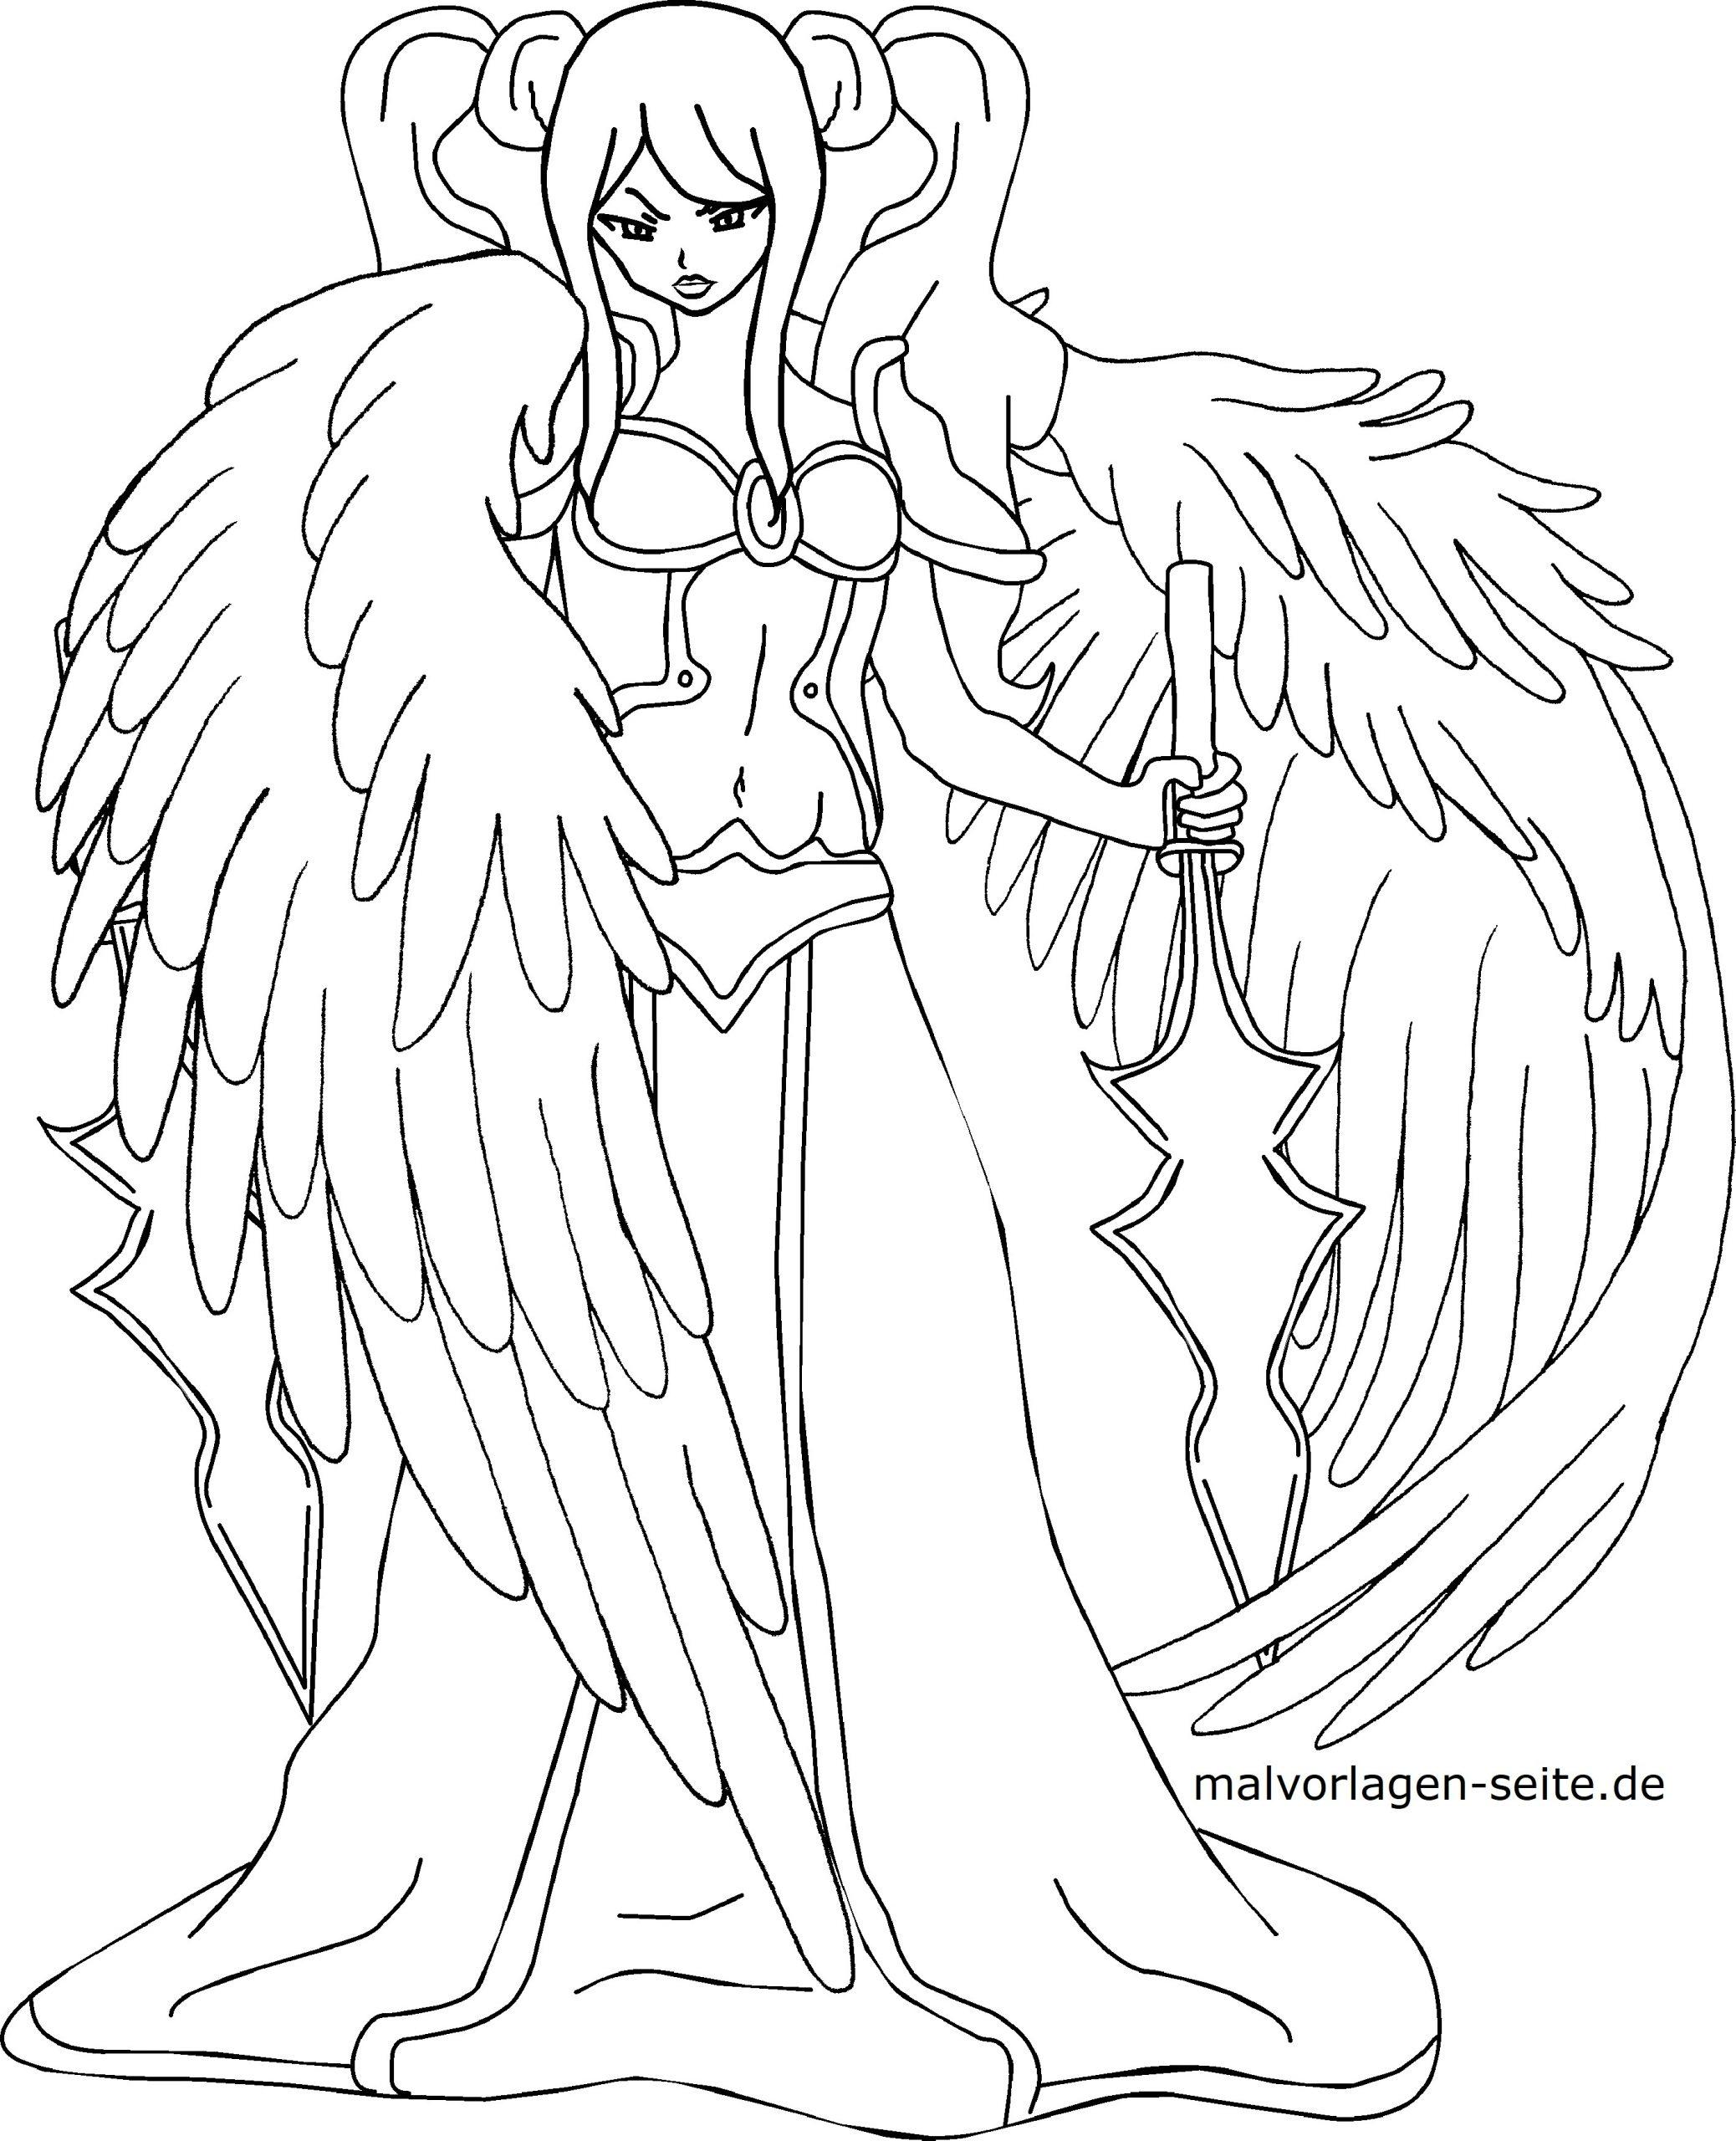 Mangas Zum Ausmalen - Kostenlose Manga Malvorlagen verwandt mit Manga Zeichenvorlagen